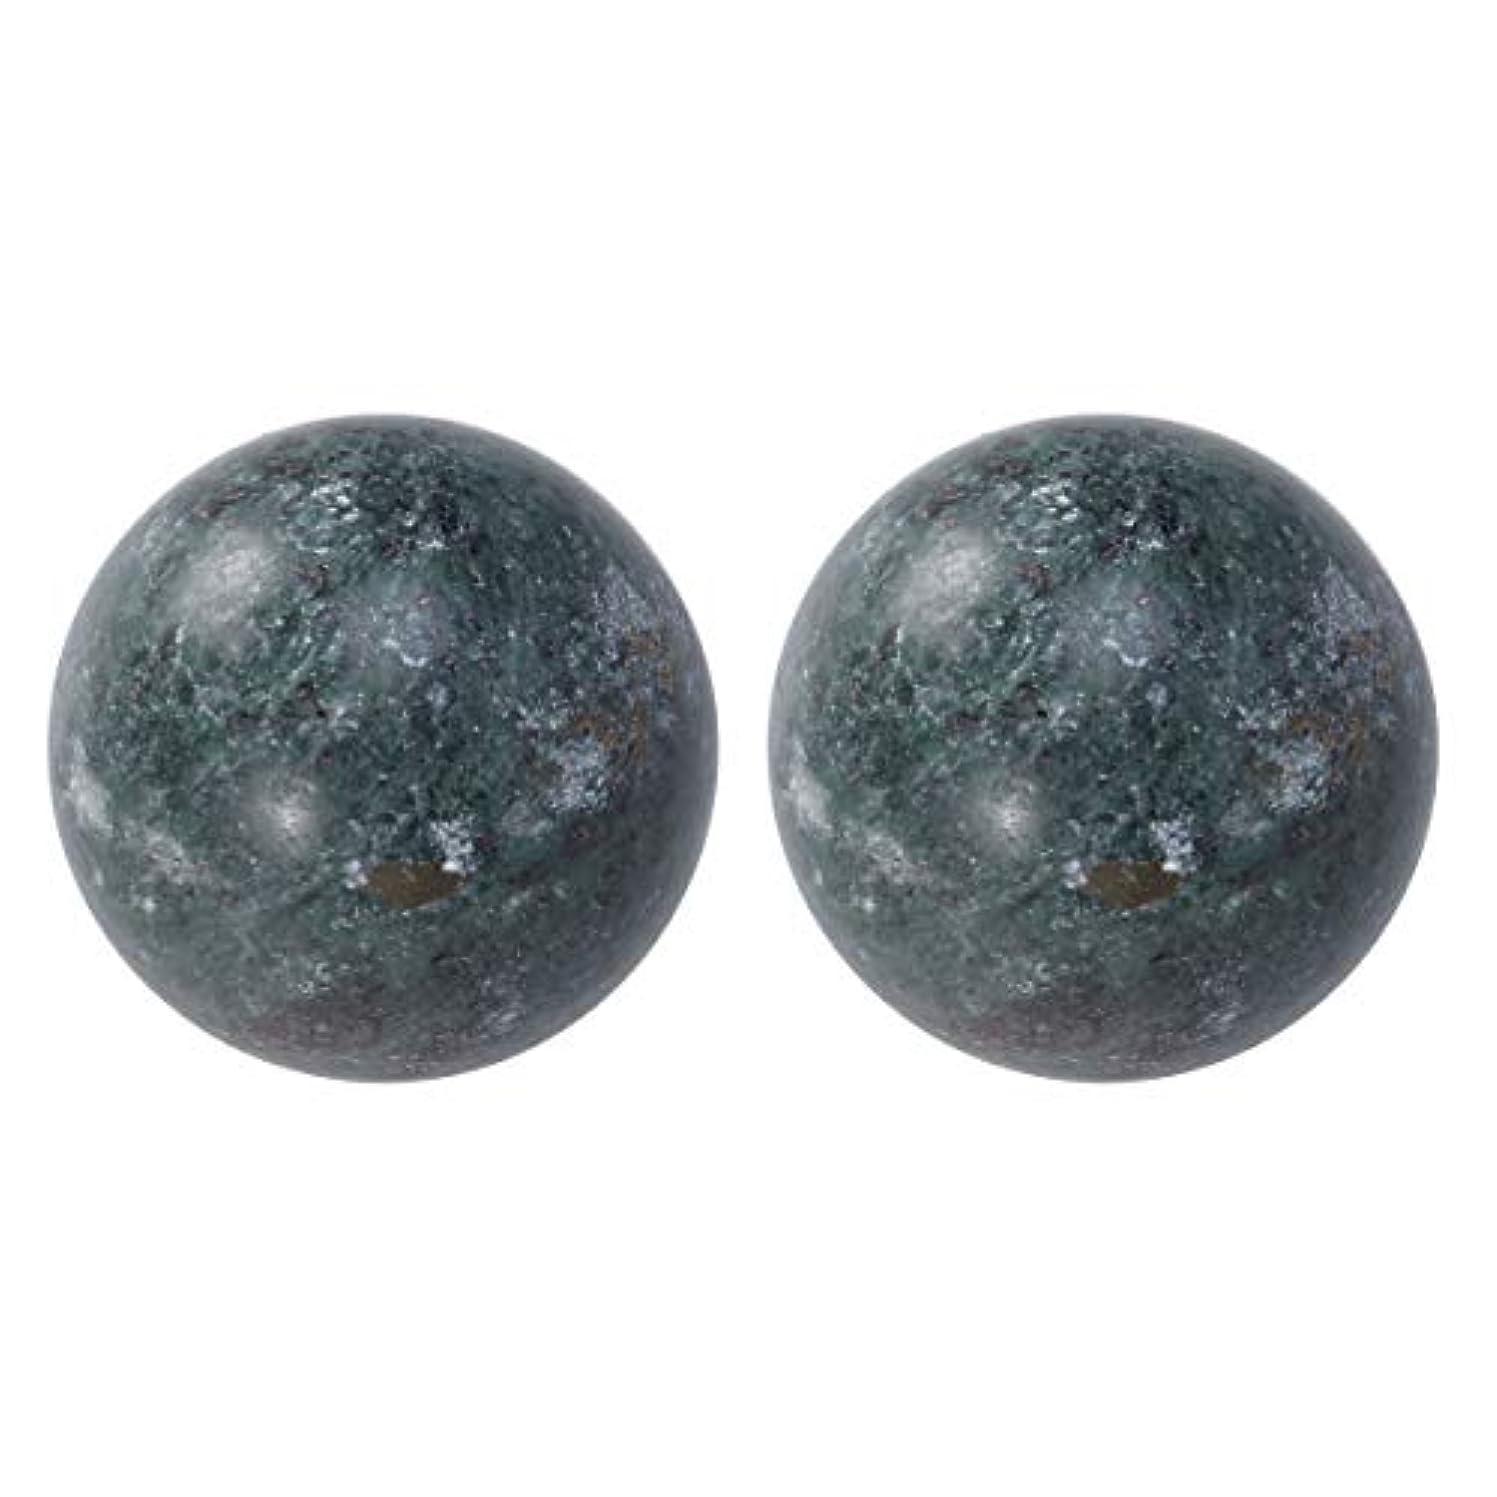 叱るあそこバンHEALIFTY 2個の自然の翡翠手球ダークグレー中国の健康運動ボーイングボール老人のためのストレスリリーフ(黒)